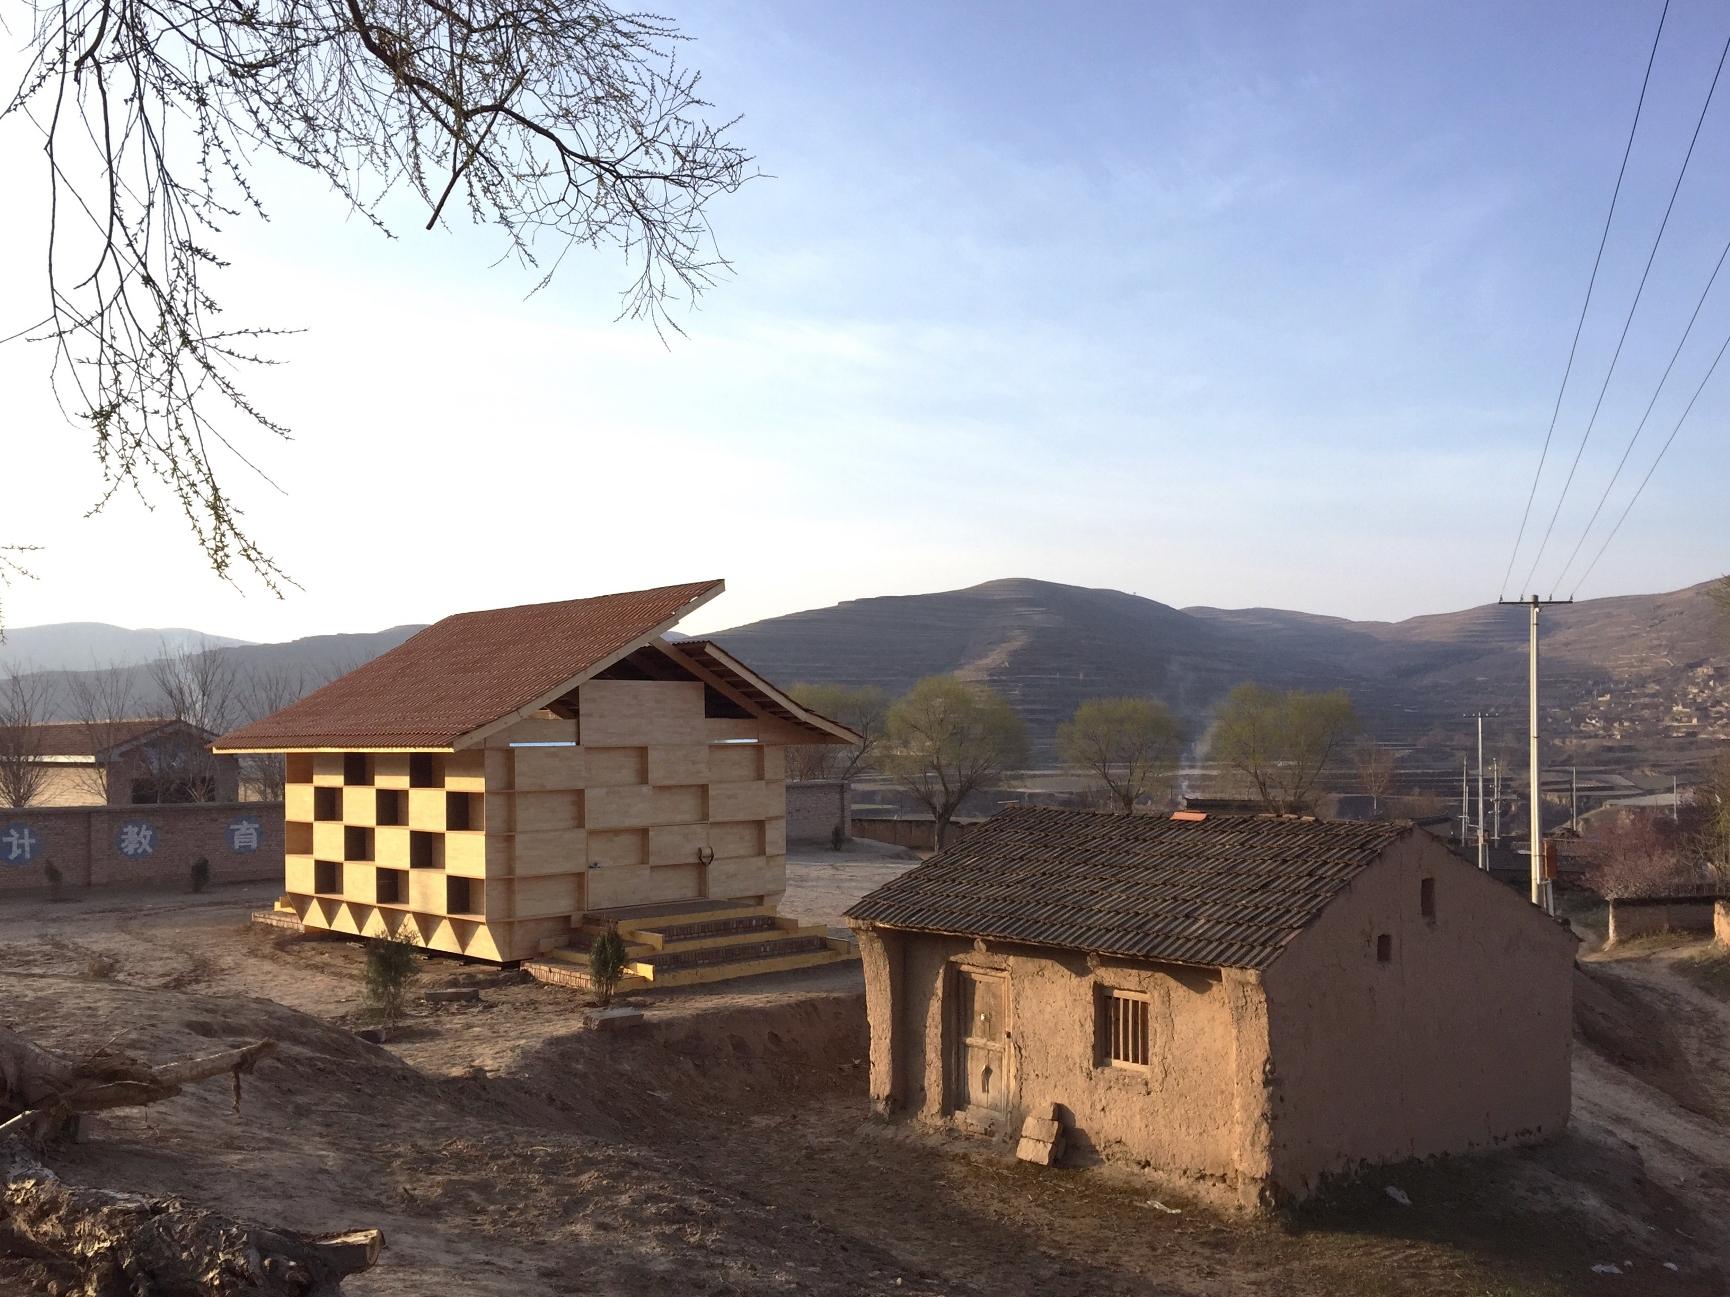 「斗室」的原型是建于中国甘肃省偏远农村的幼儿园项目「童趣园」。